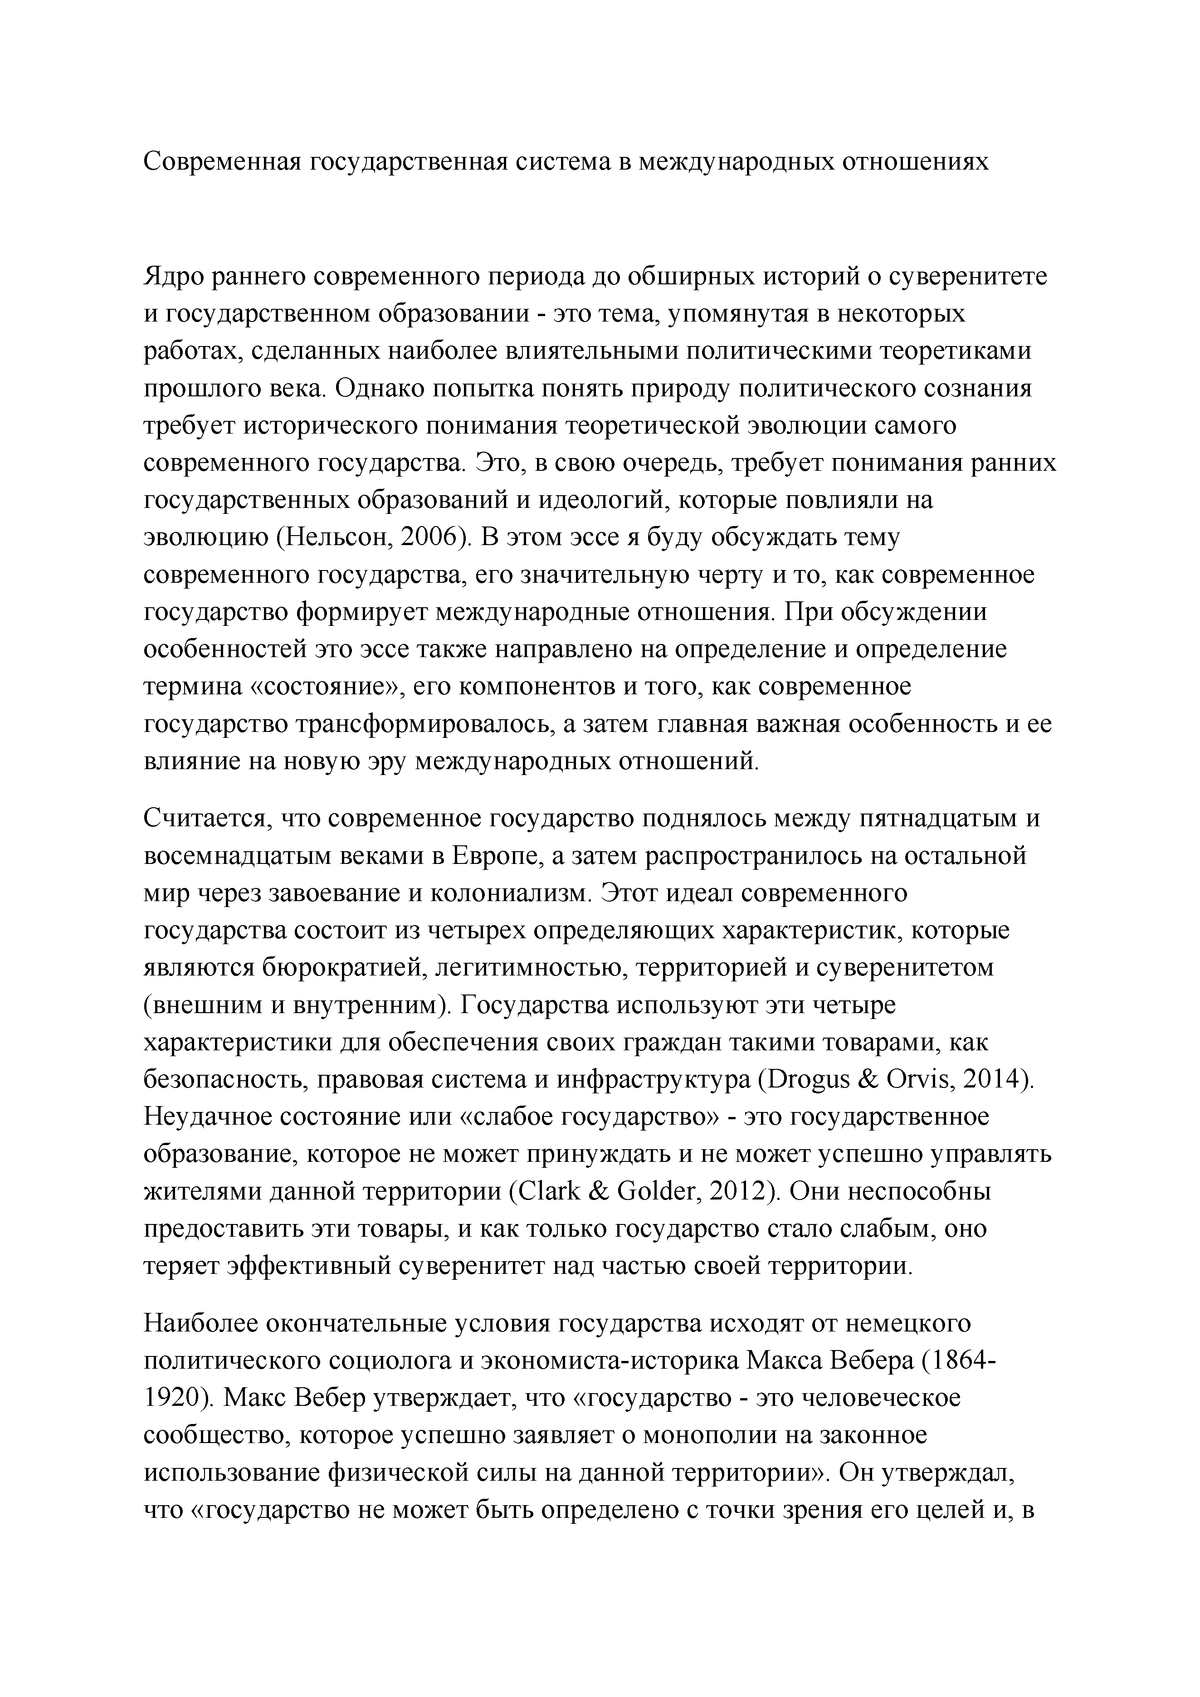 Эссе система международных отношений 7933